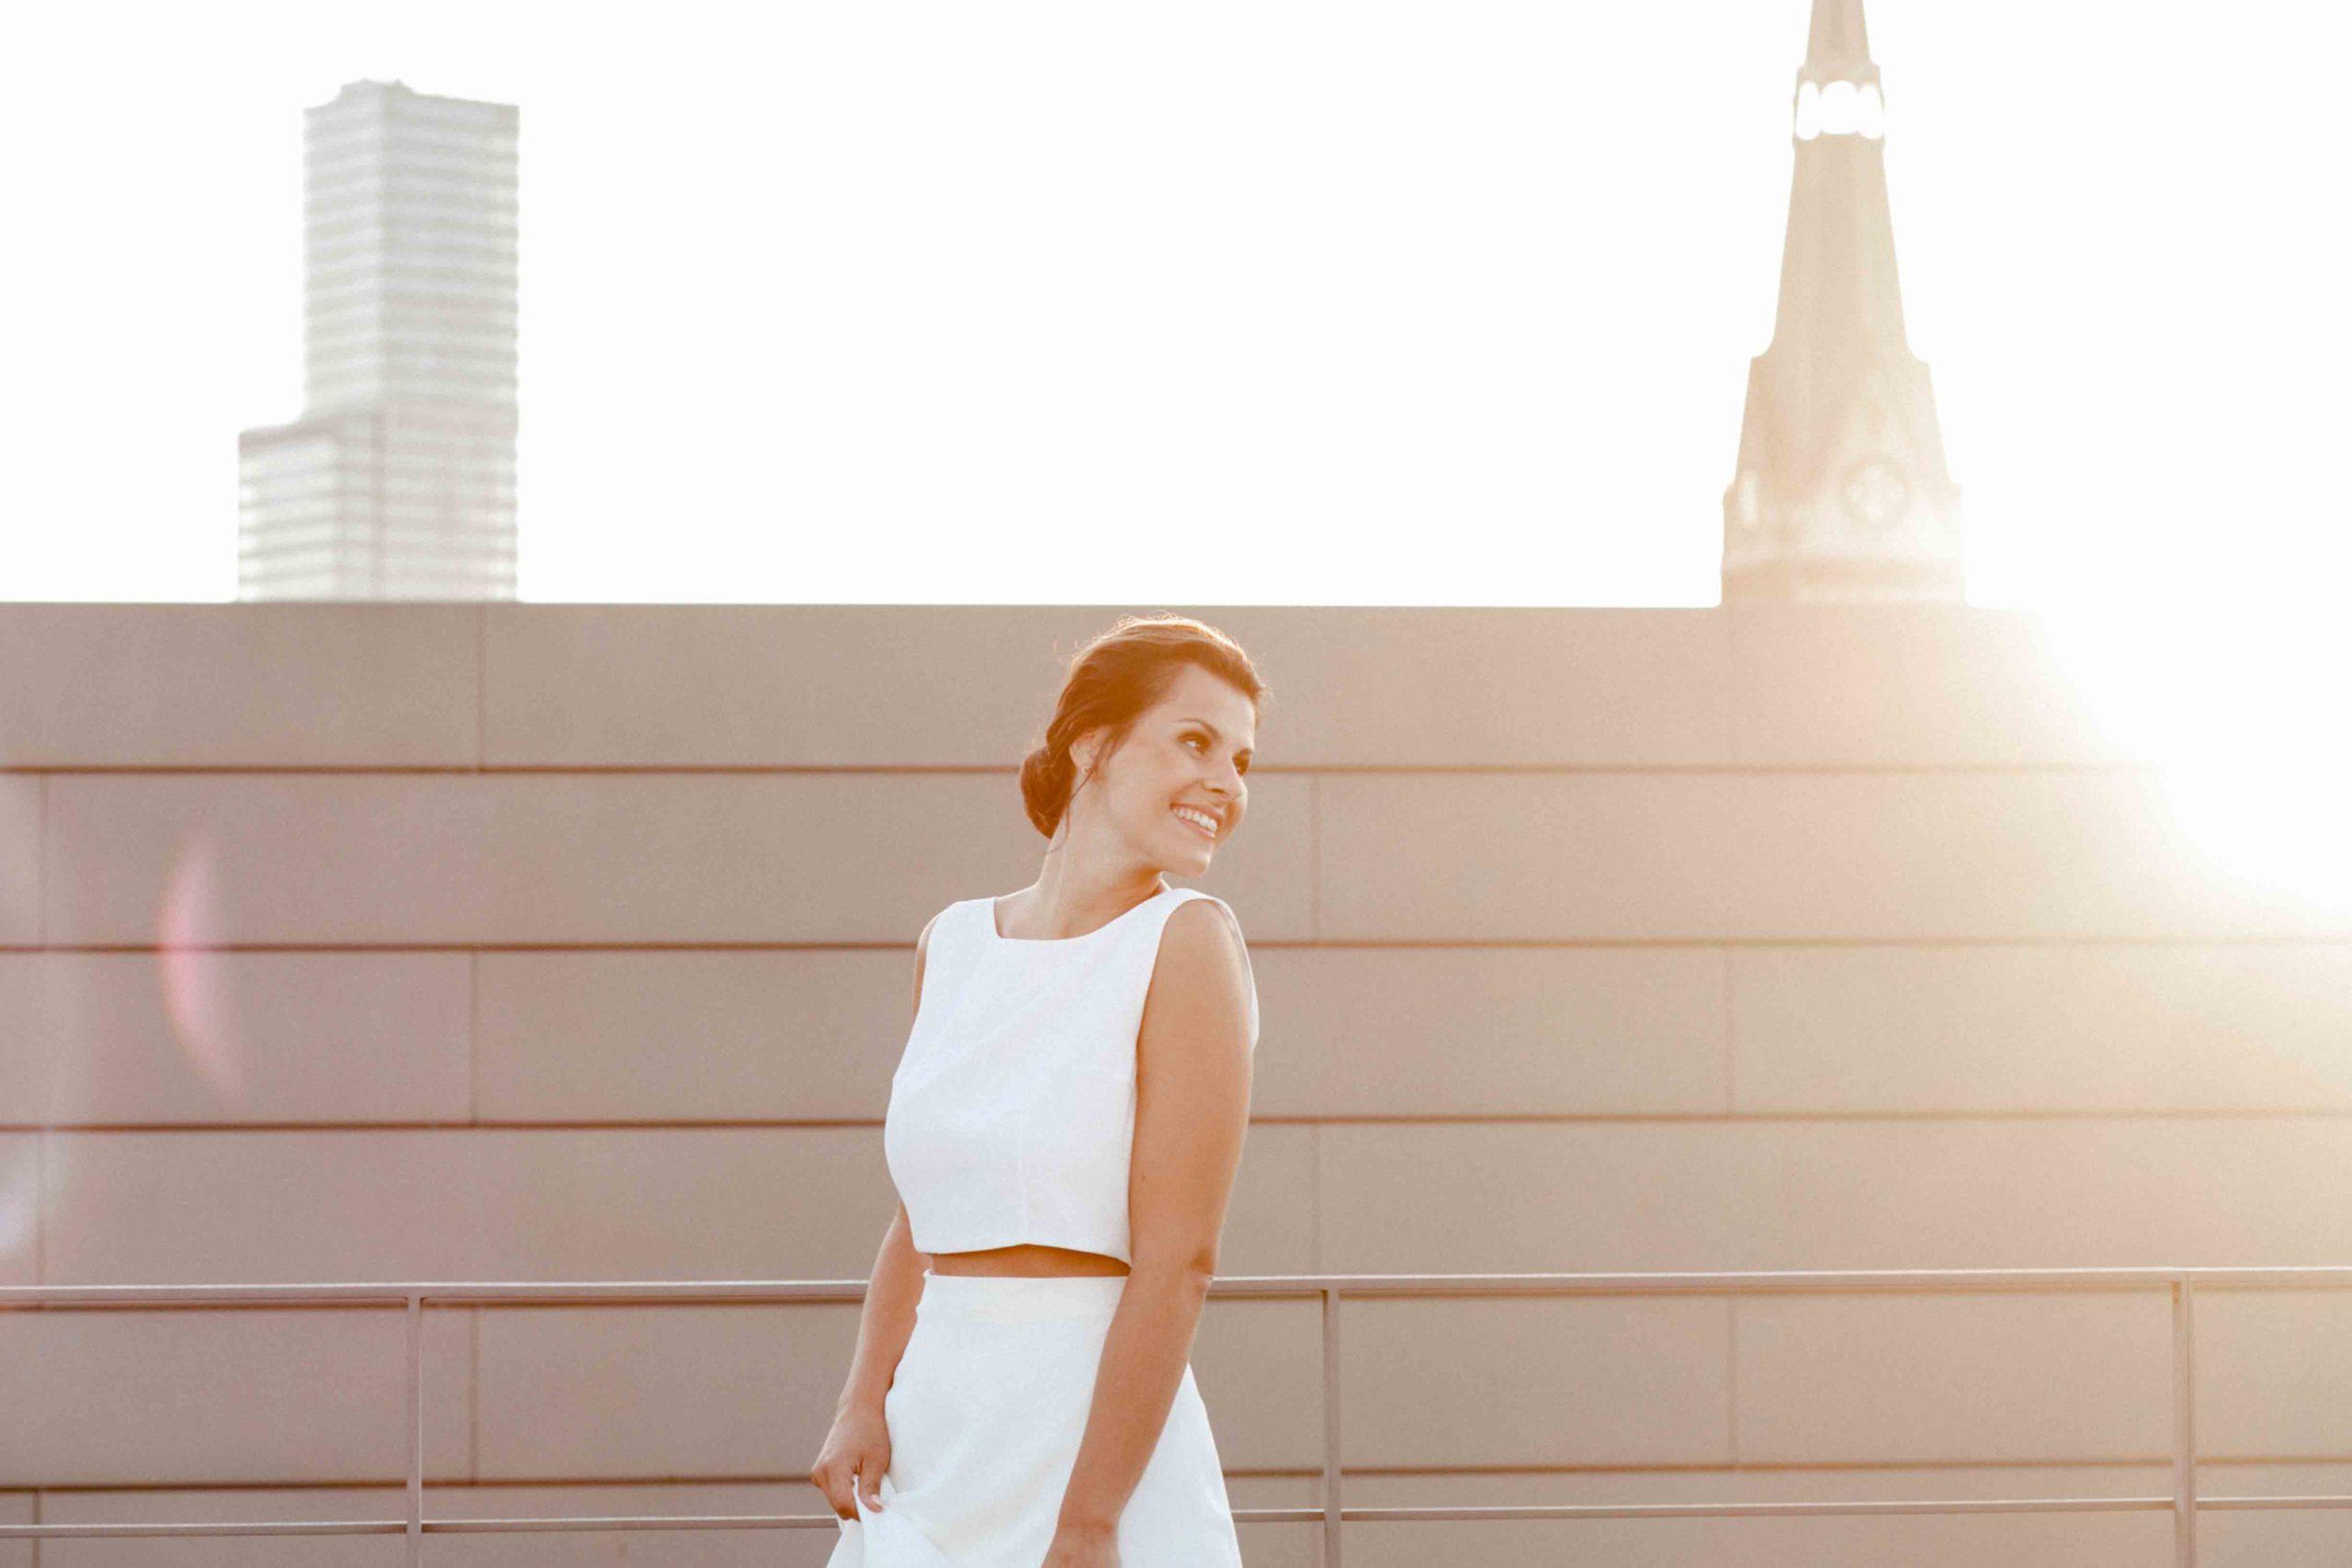 noni Brautmode Styled Shoot, Model mit langem, zweiteiligen Brautkleid in Ivory ohne Ärmel